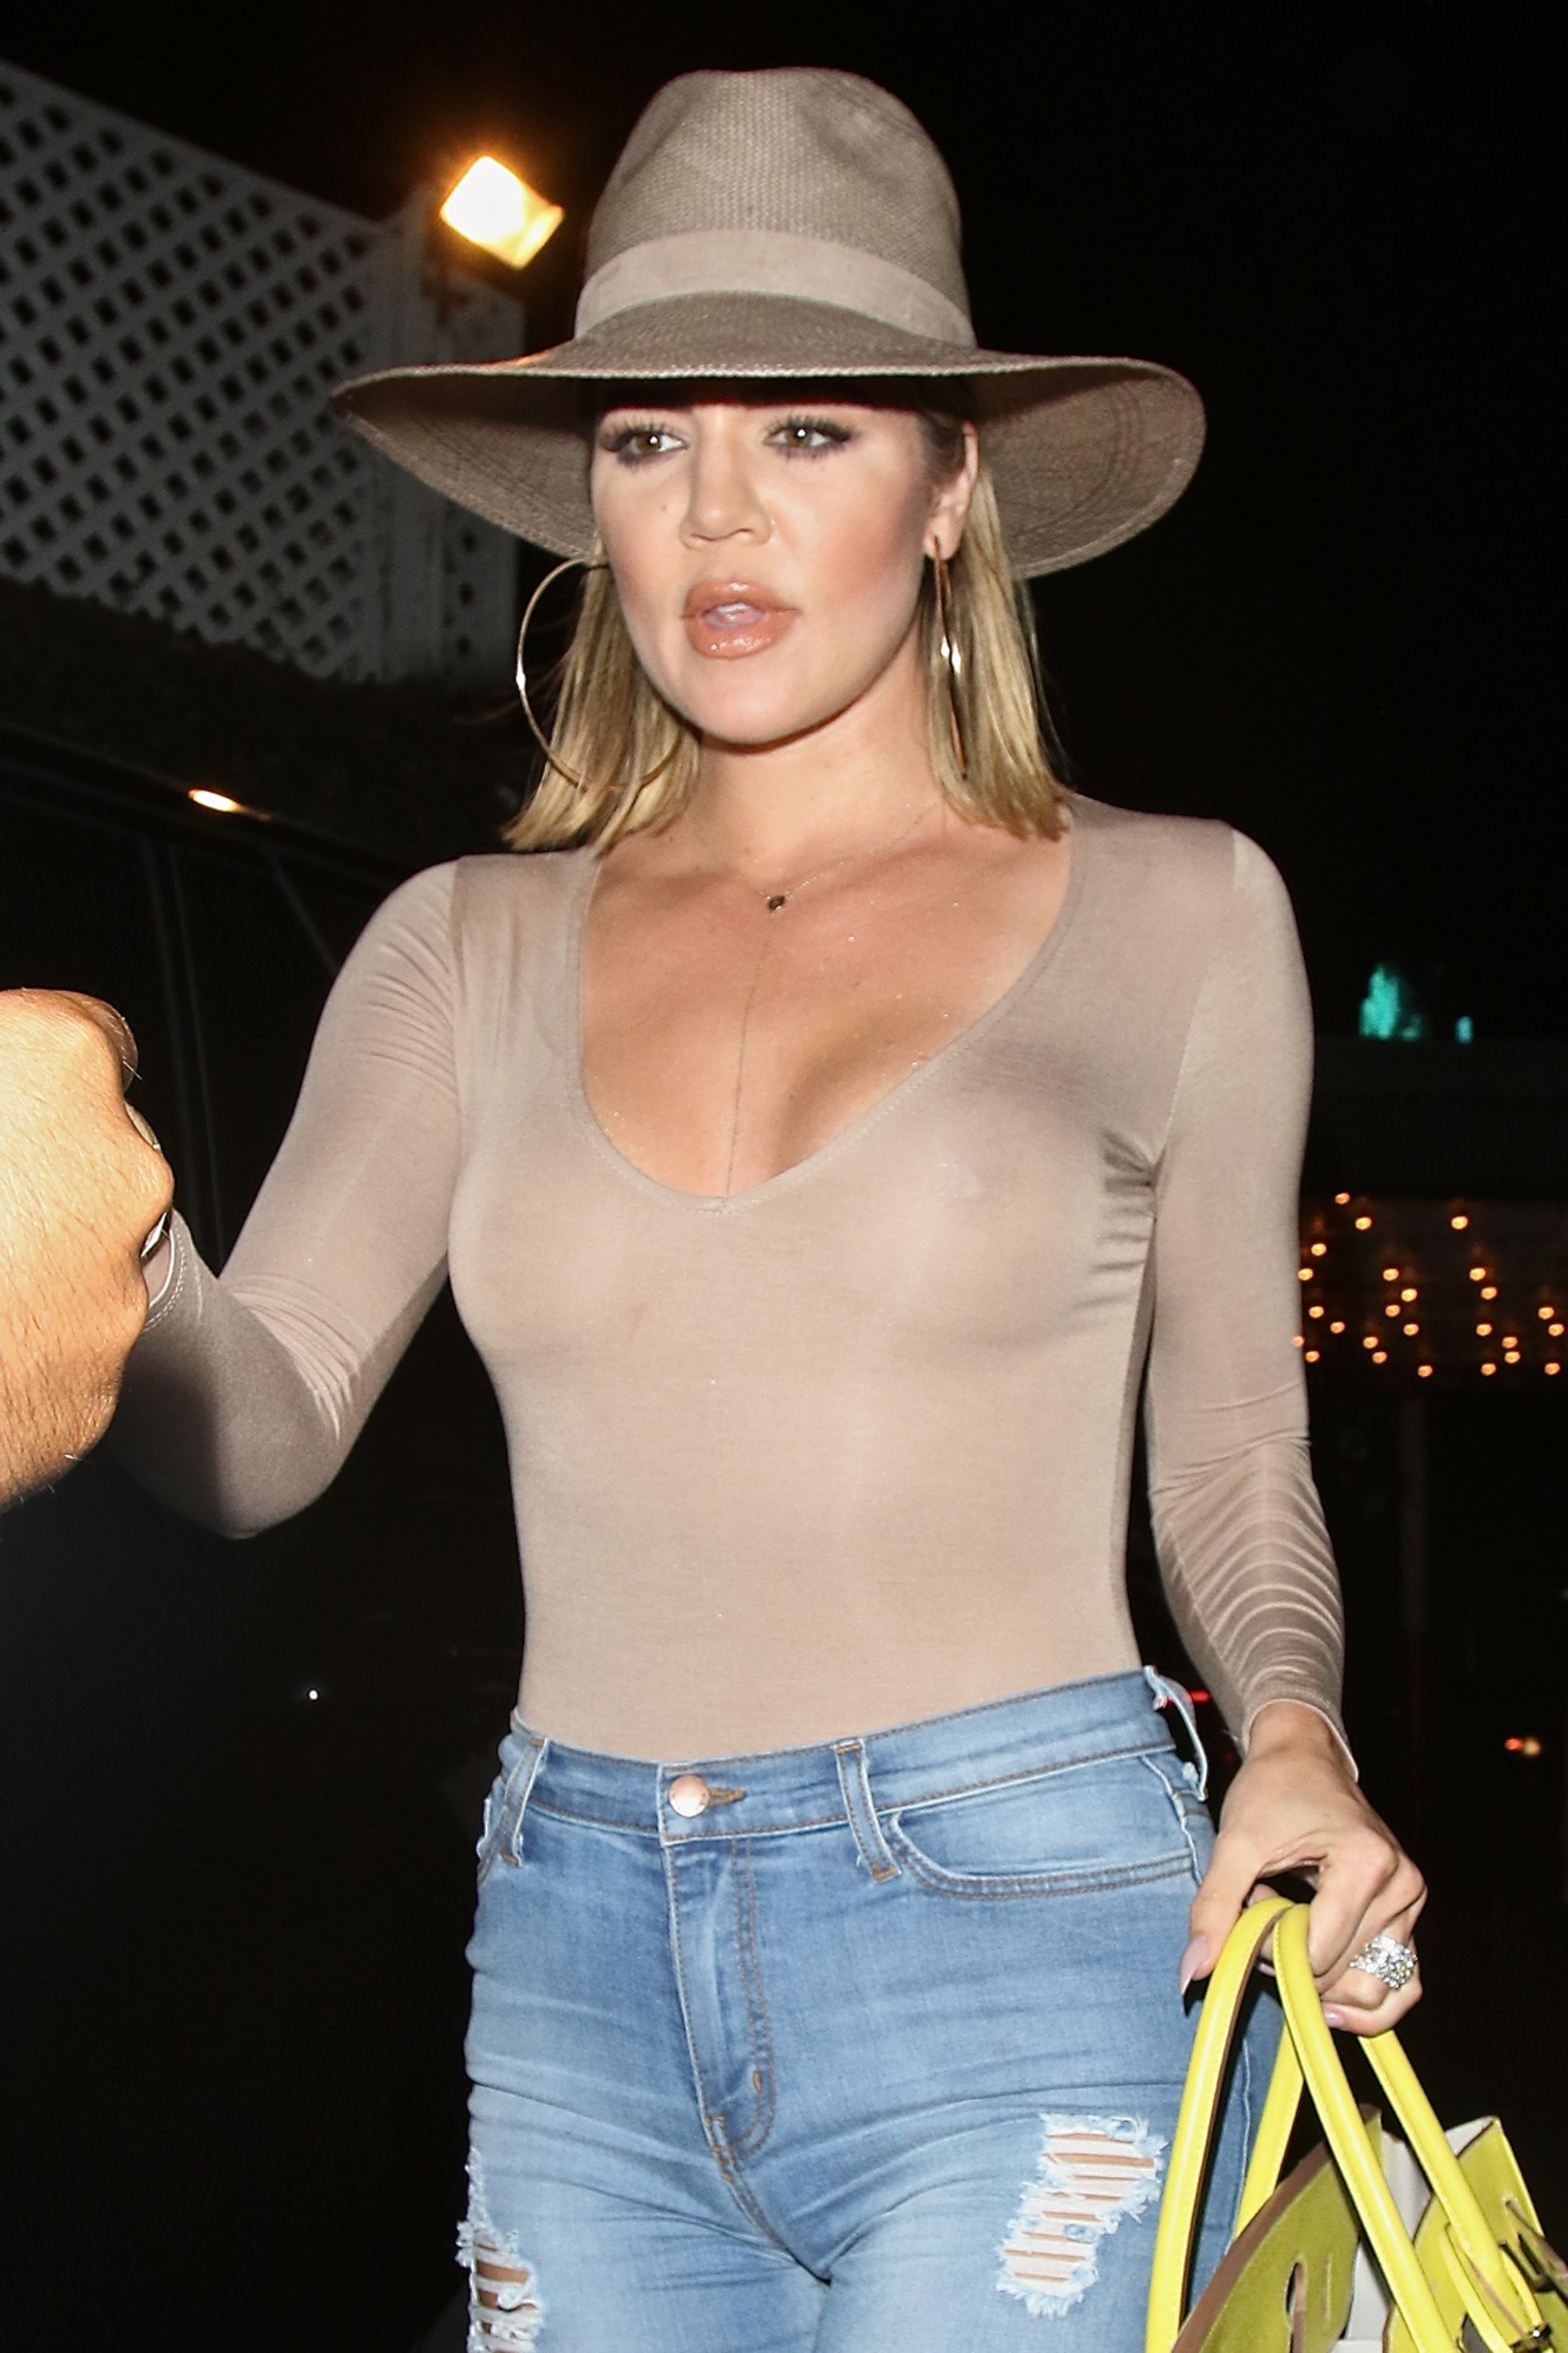 Khloe-Kardashian-Braless-6-1